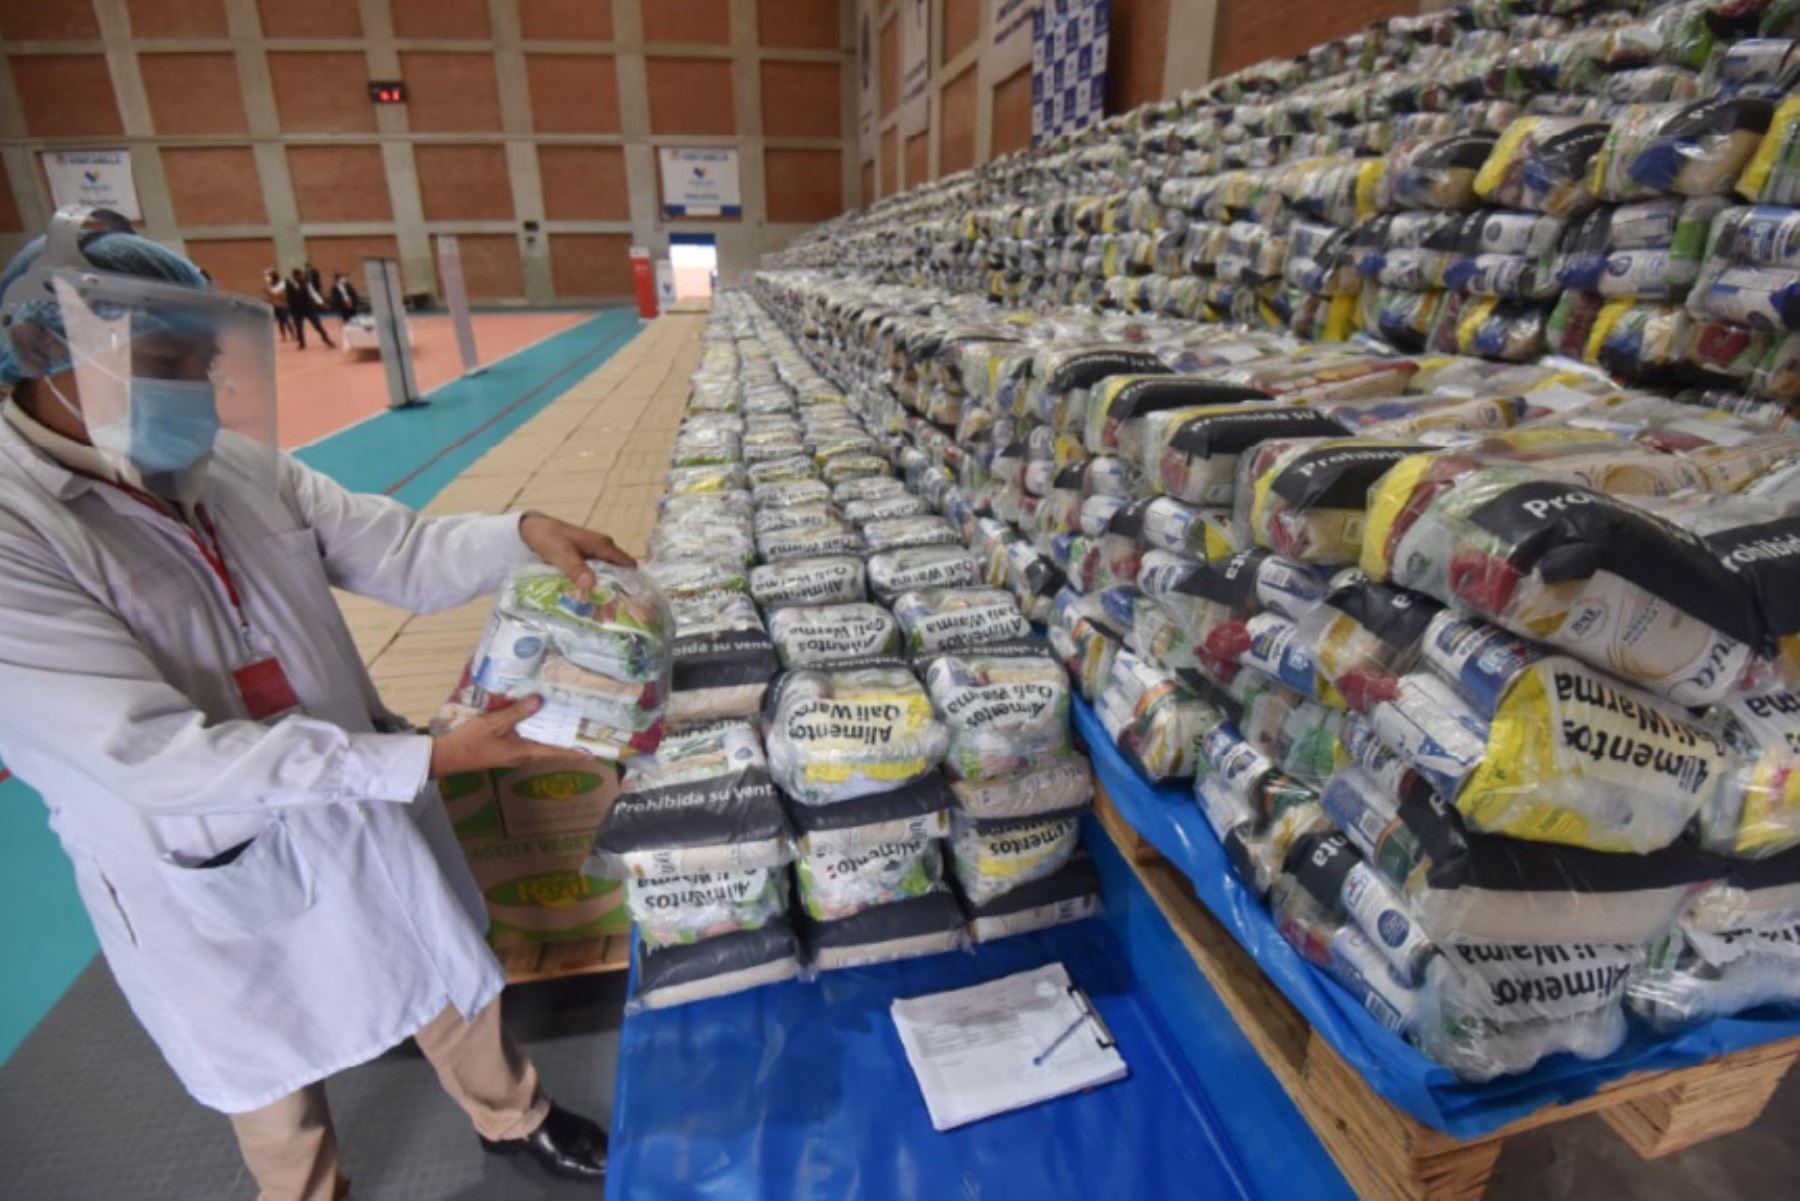 Qali Warma está facultado a brindar apoyo alimentario a poblaciones vulnerables en la emergencia sanitaria, de forma extraordinaria. Foto: ANDINA/Midis